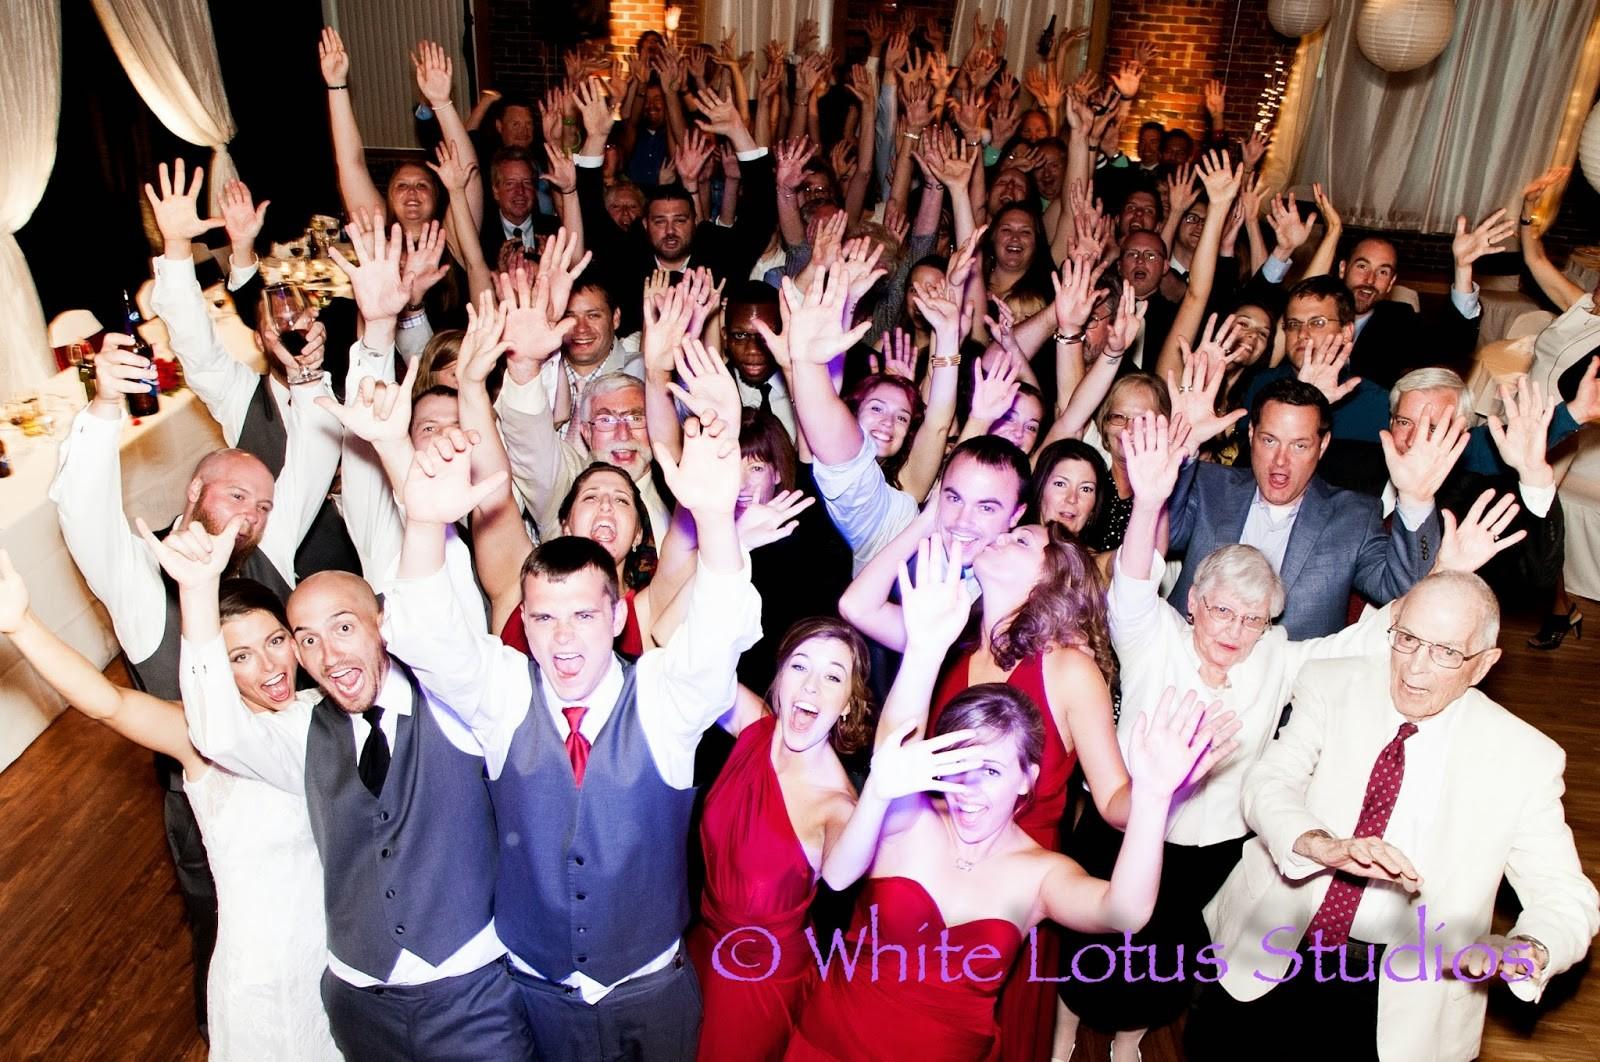 http://www.whitelotustudios.com/